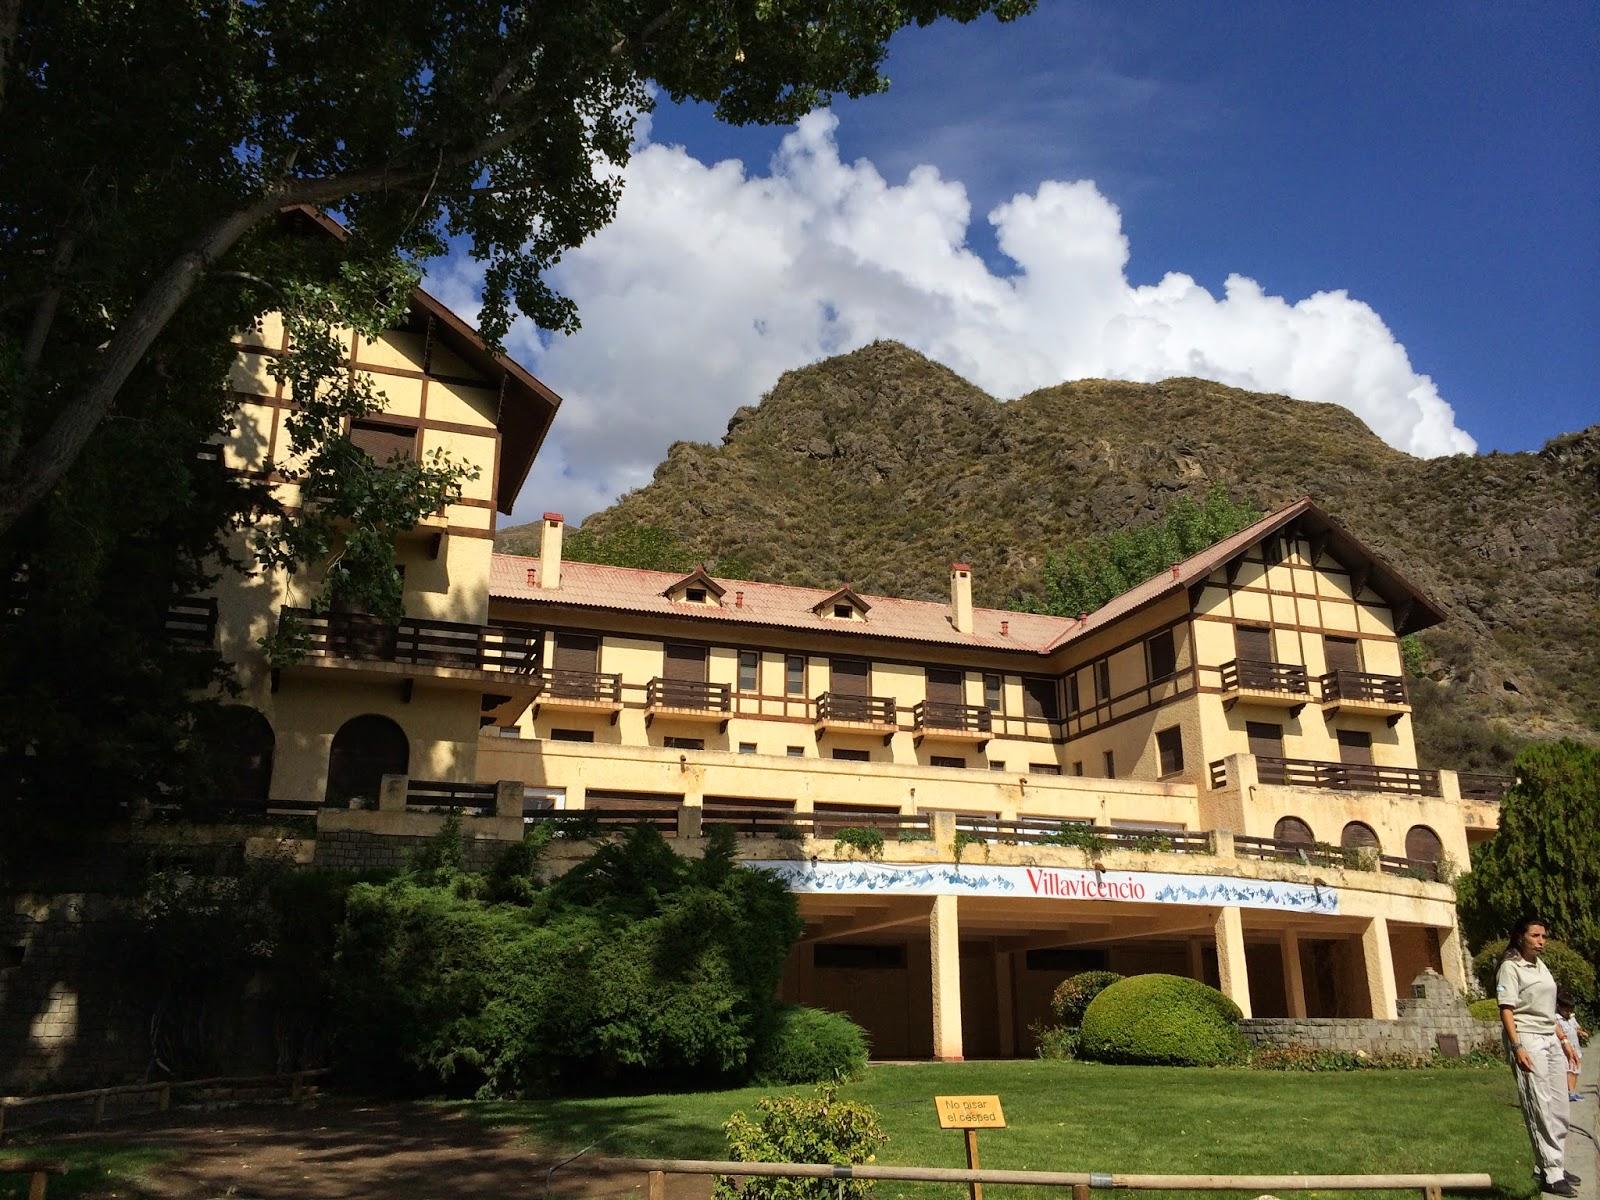 excursiones a villavicencio, tour villavicencio, bodegas, qué hacer en mendoza